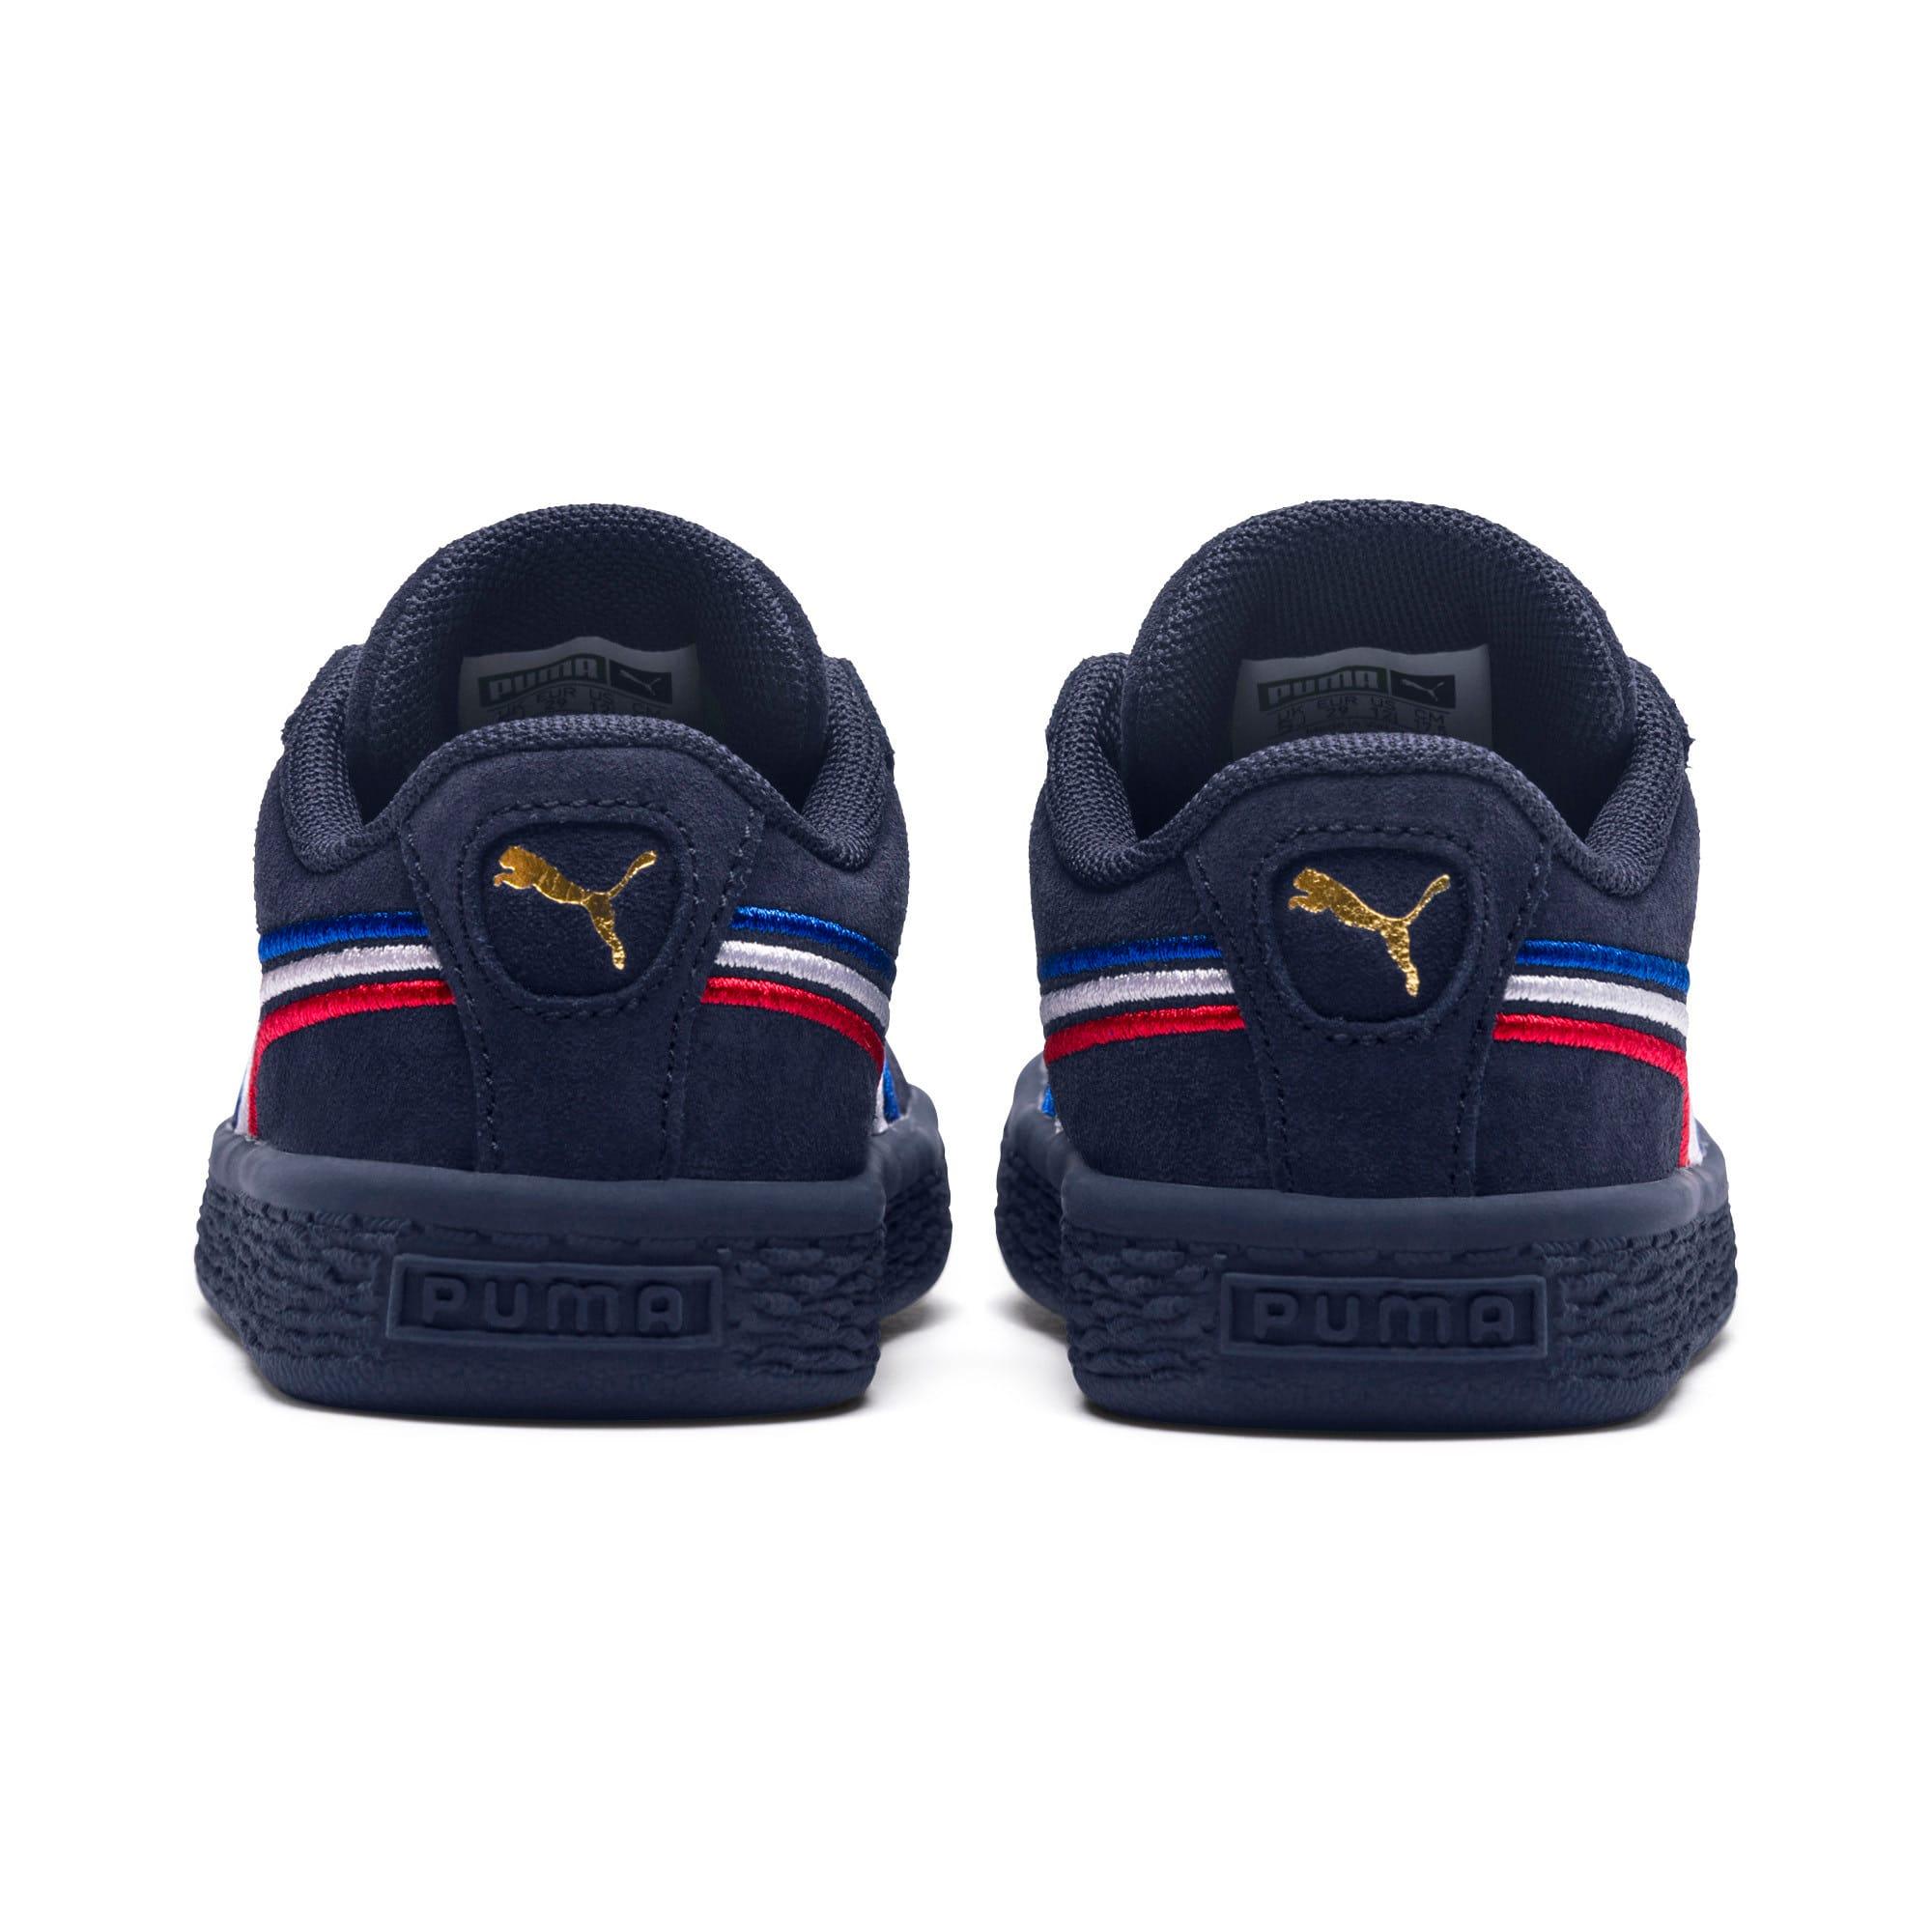 Miniatura 4 de Zapatos Suede Classic con bordado multicolor para niño pequeño, Peacoat-Blanco-Rojo-Azul, mediano